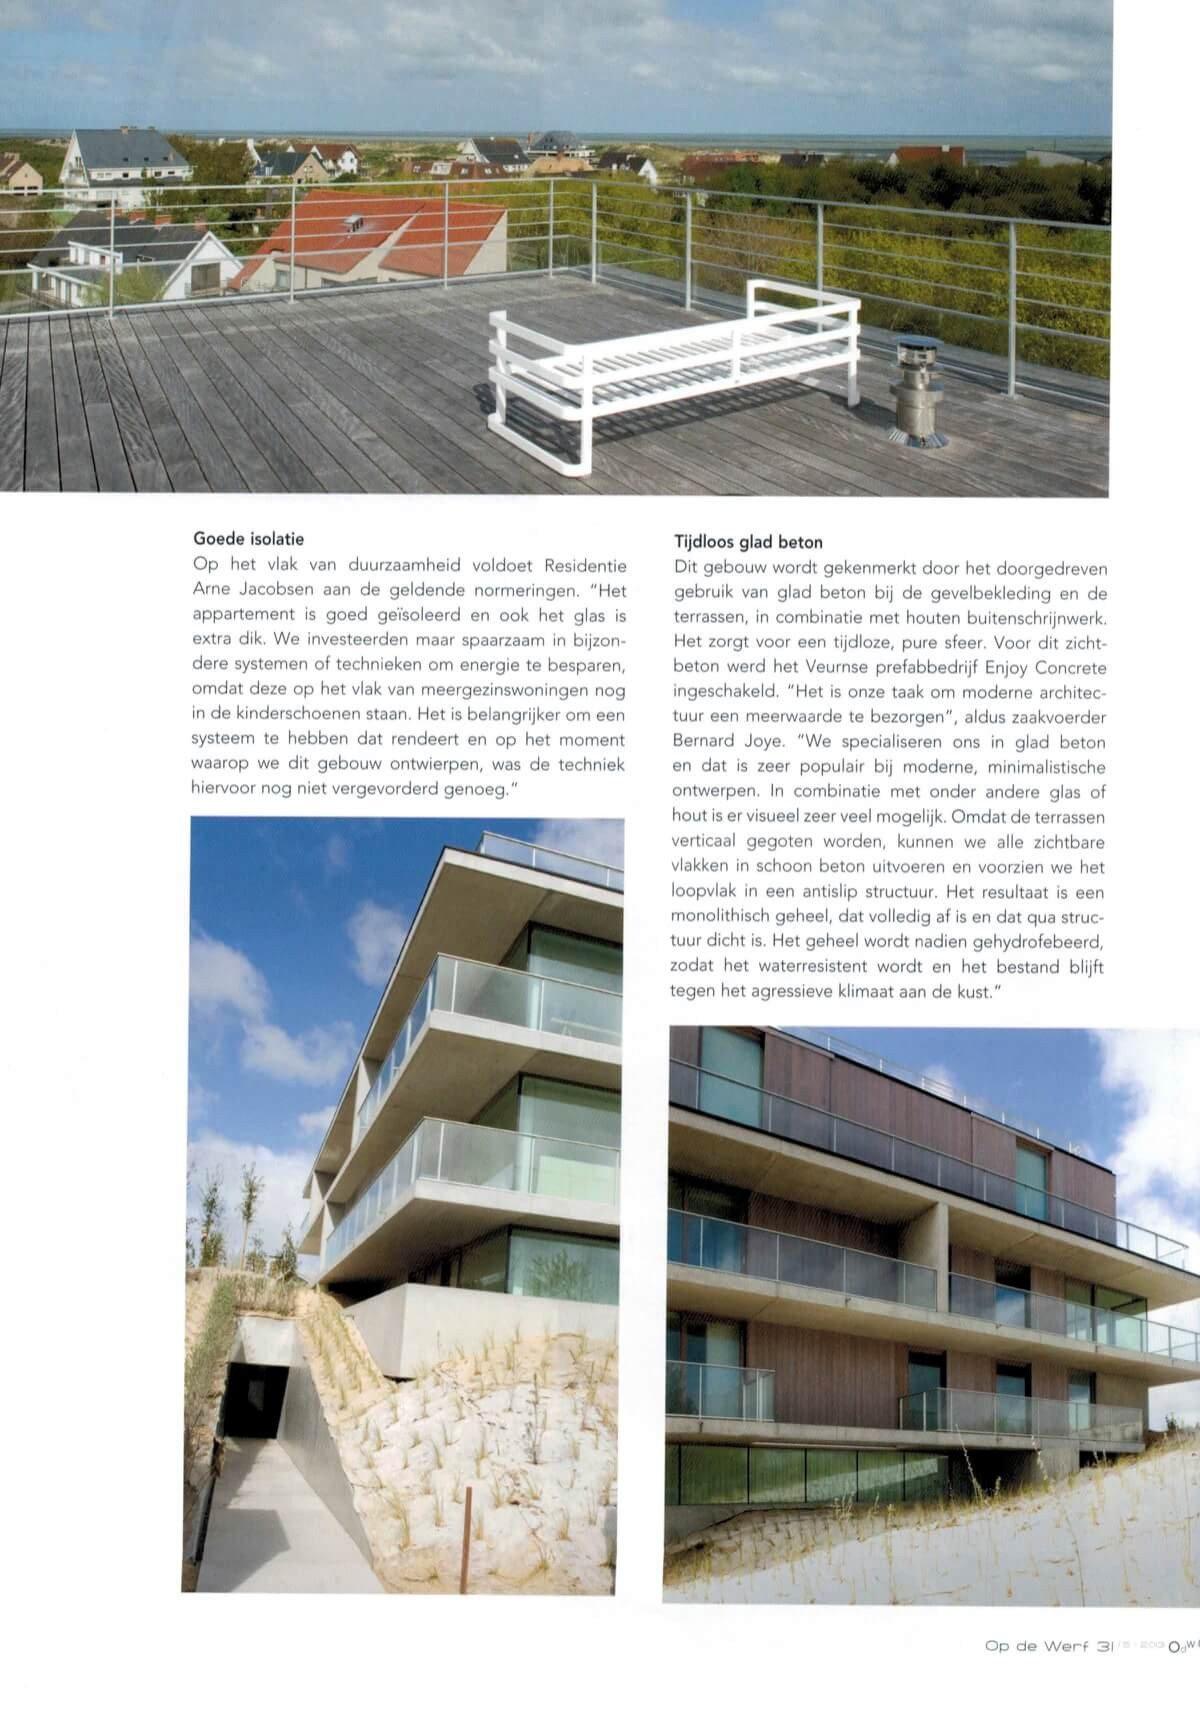 Op de Werf Juni 2013 - Residentie Arne Jacobsen 3